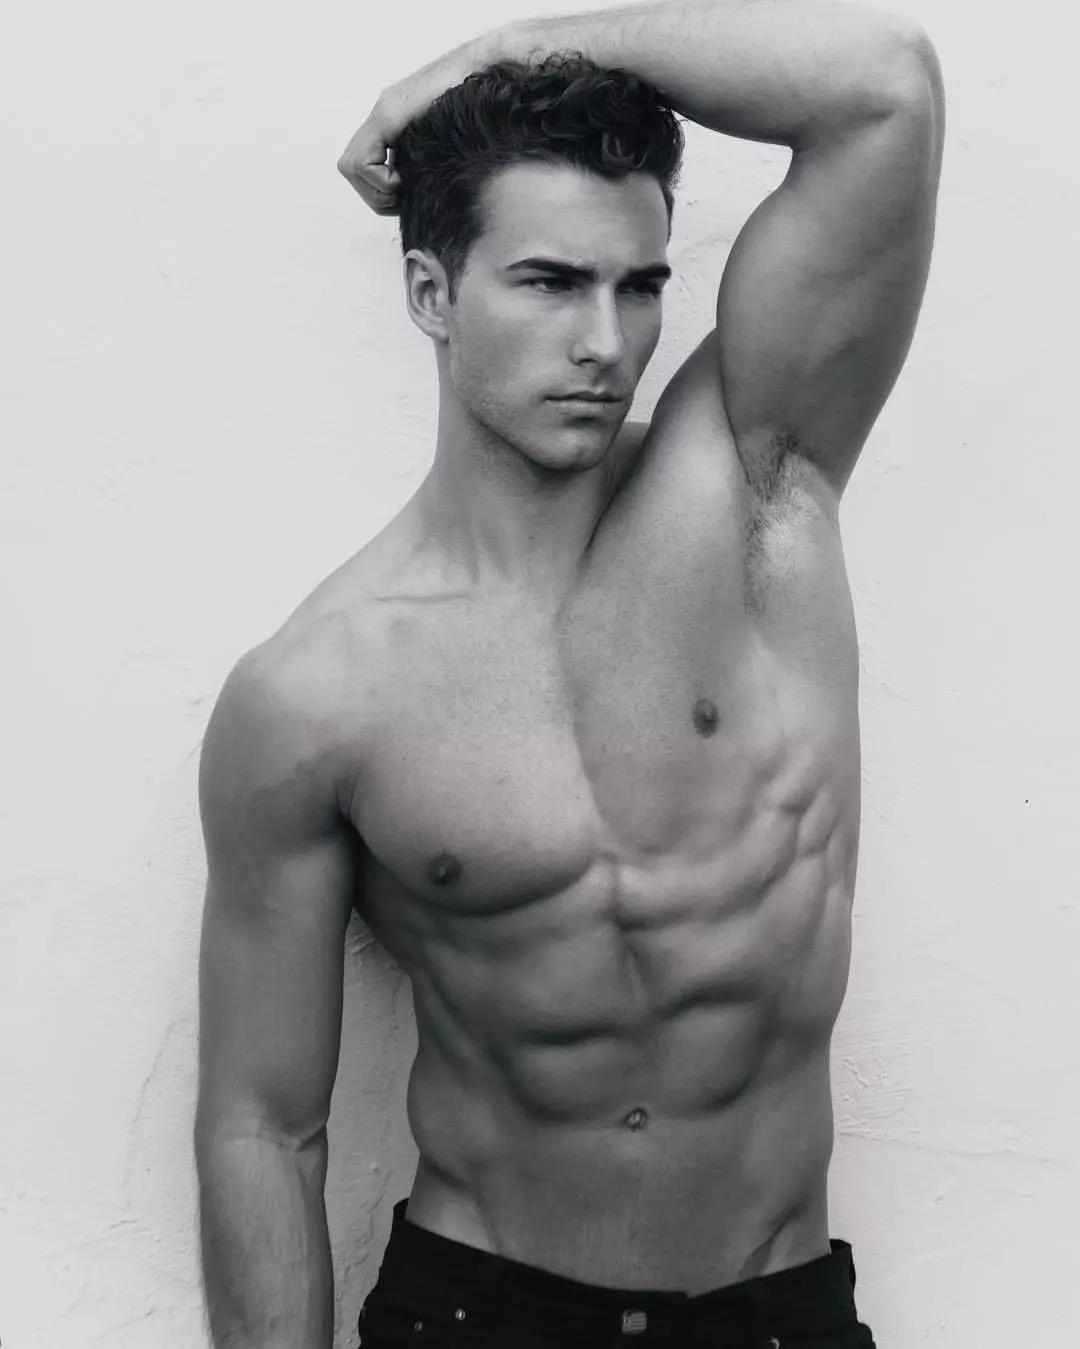 2018082905460319 - 爆红健身男孩Nic Palladino,他满足了我对青春的所有向往!